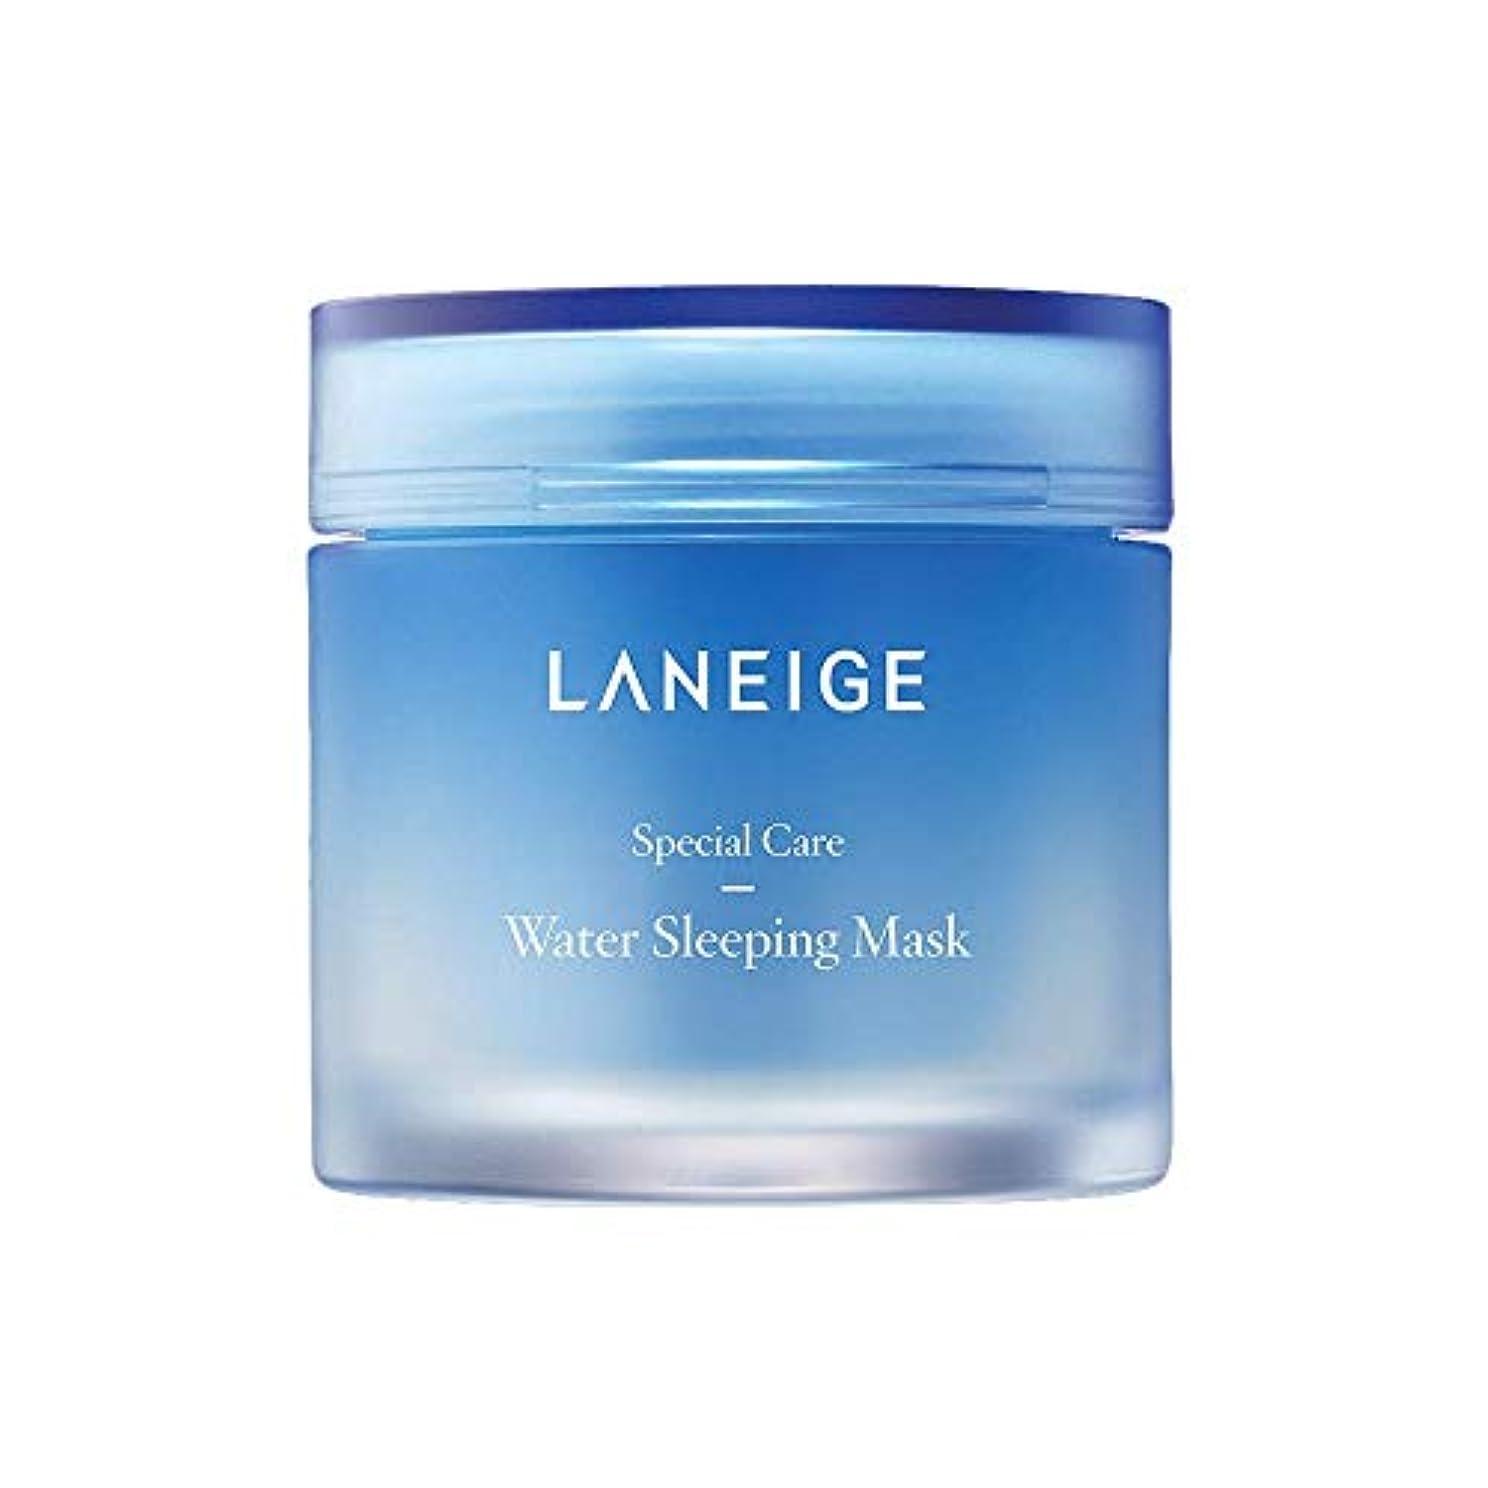 任命する援助物理的なWater Sleeping Mask 70ml/ウォーター スリーピング マスク 70ml [50個限定!人気商品のサンプルプレゼント!]